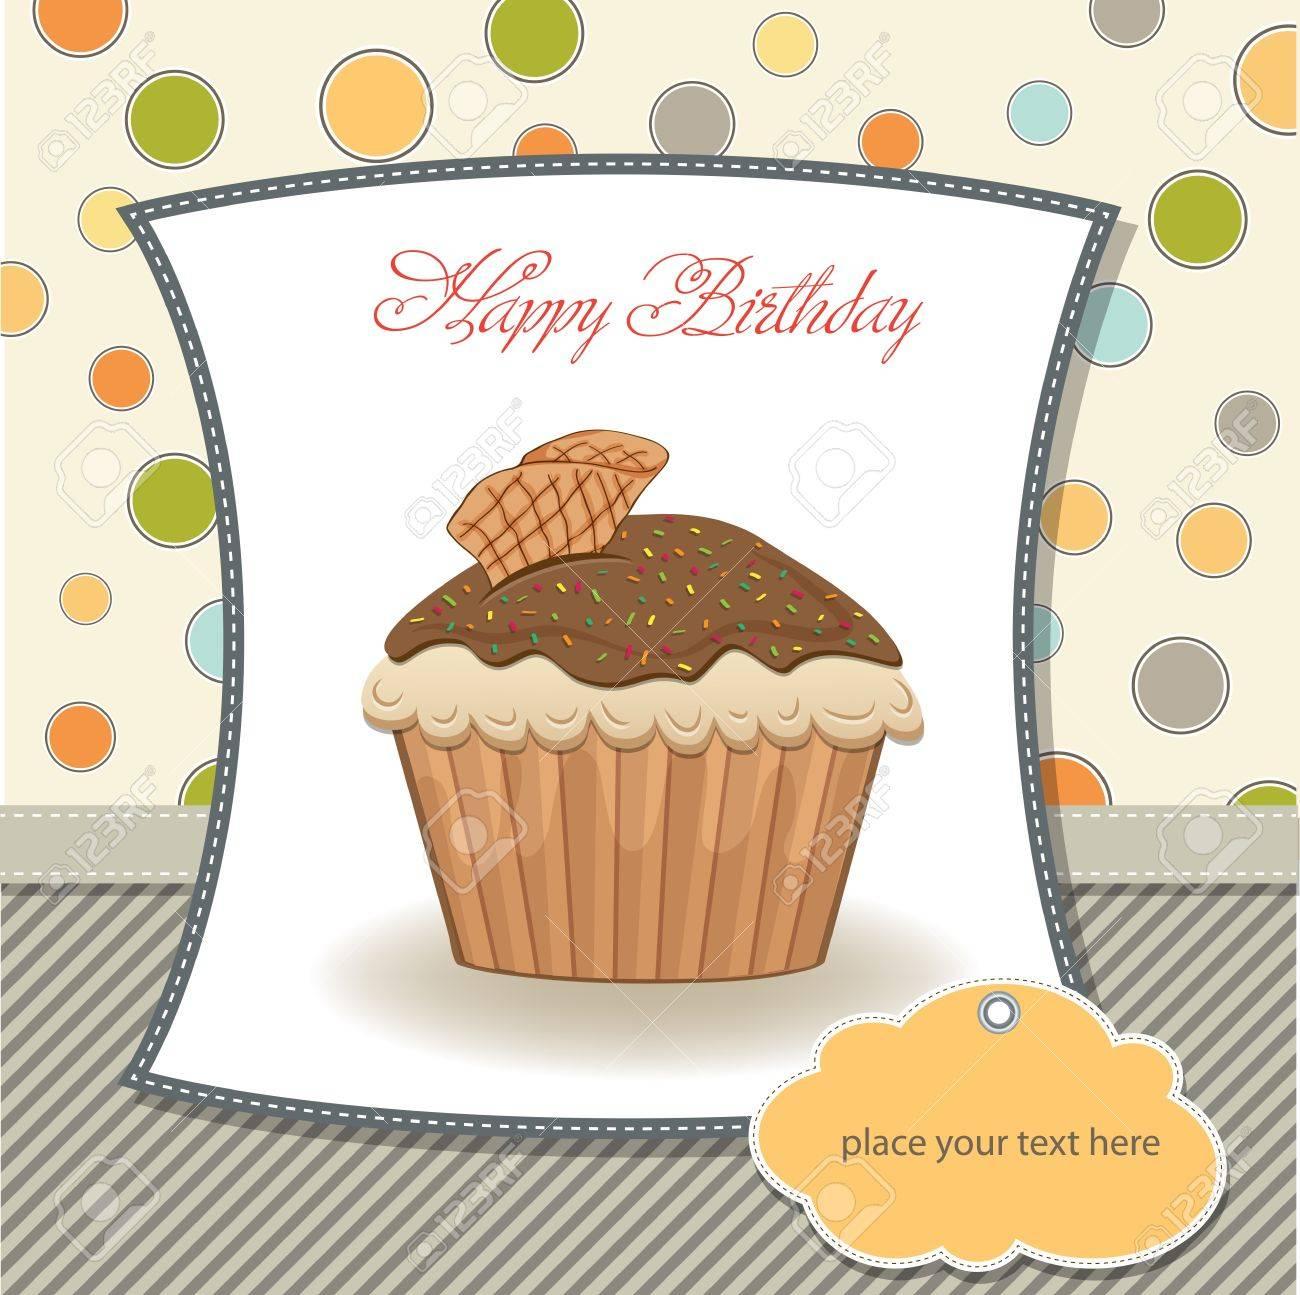 カップケーキ ベクトル イラストかわいい誕生日カードのイラスト素材